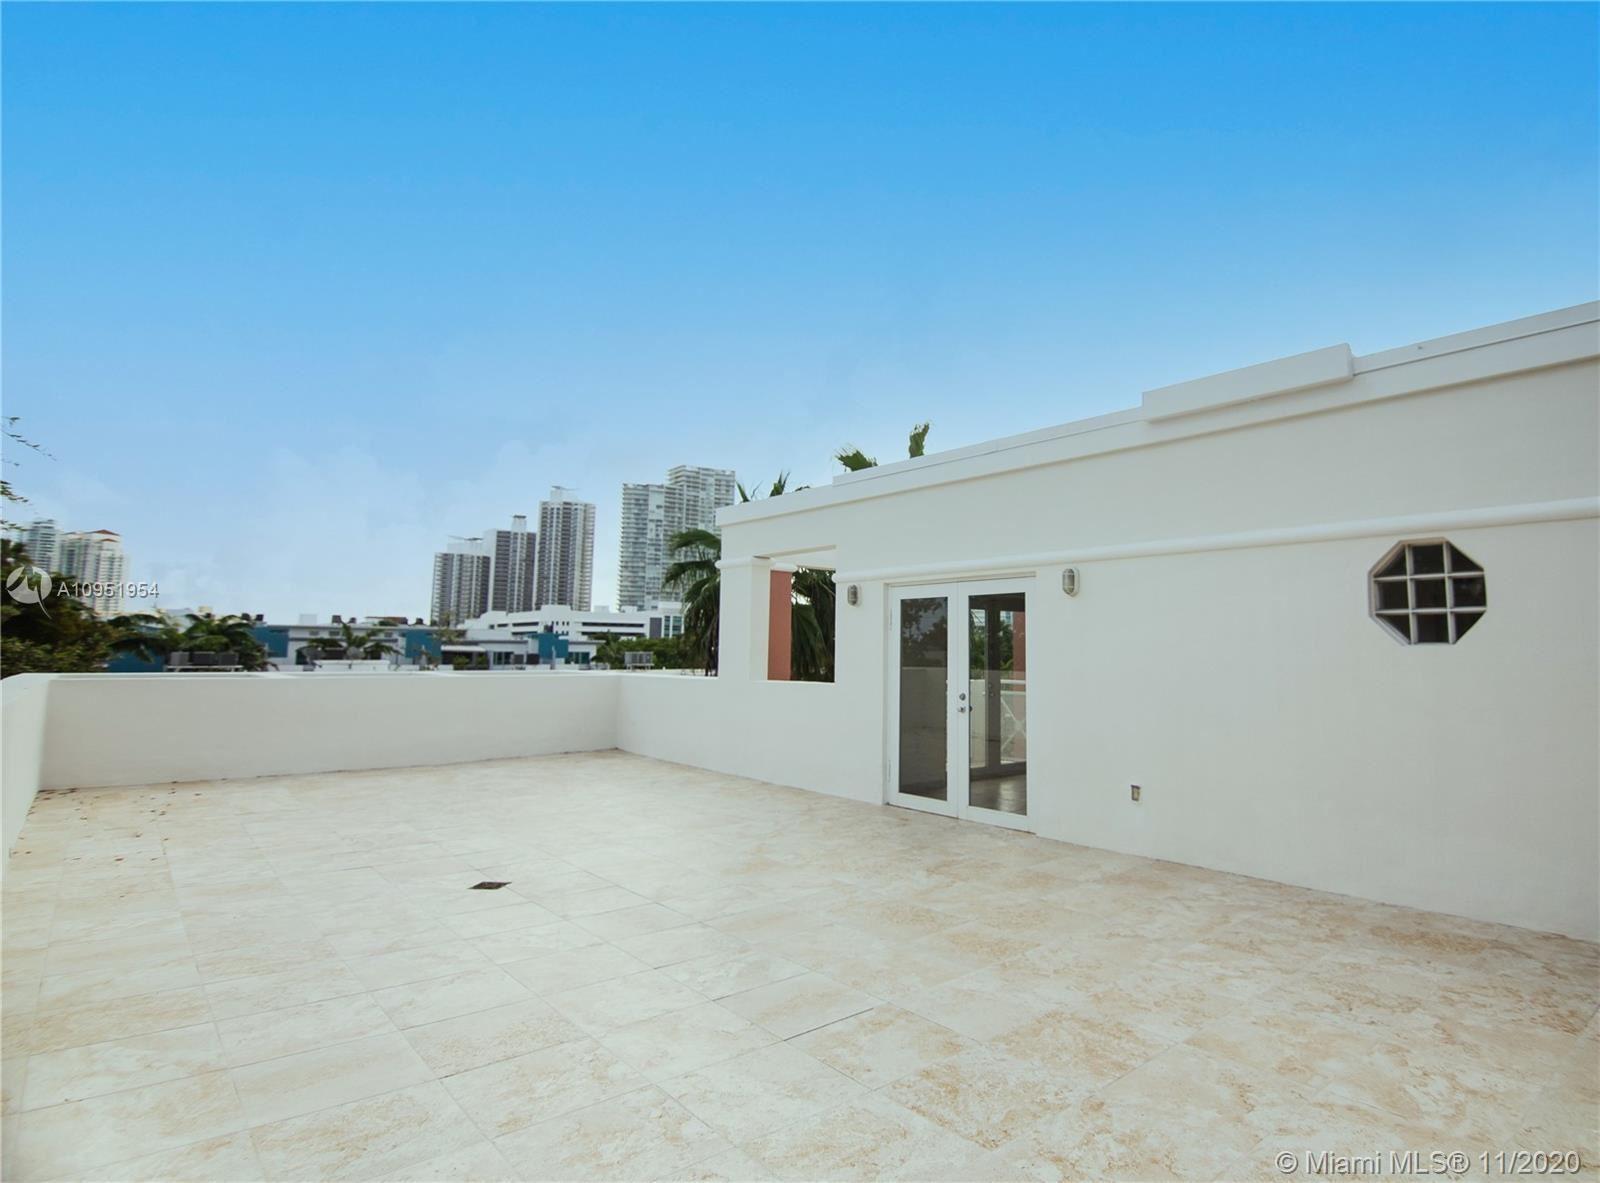 1005 8th St #PH-4, Miami Beach, FL 33139 - #: A10951954